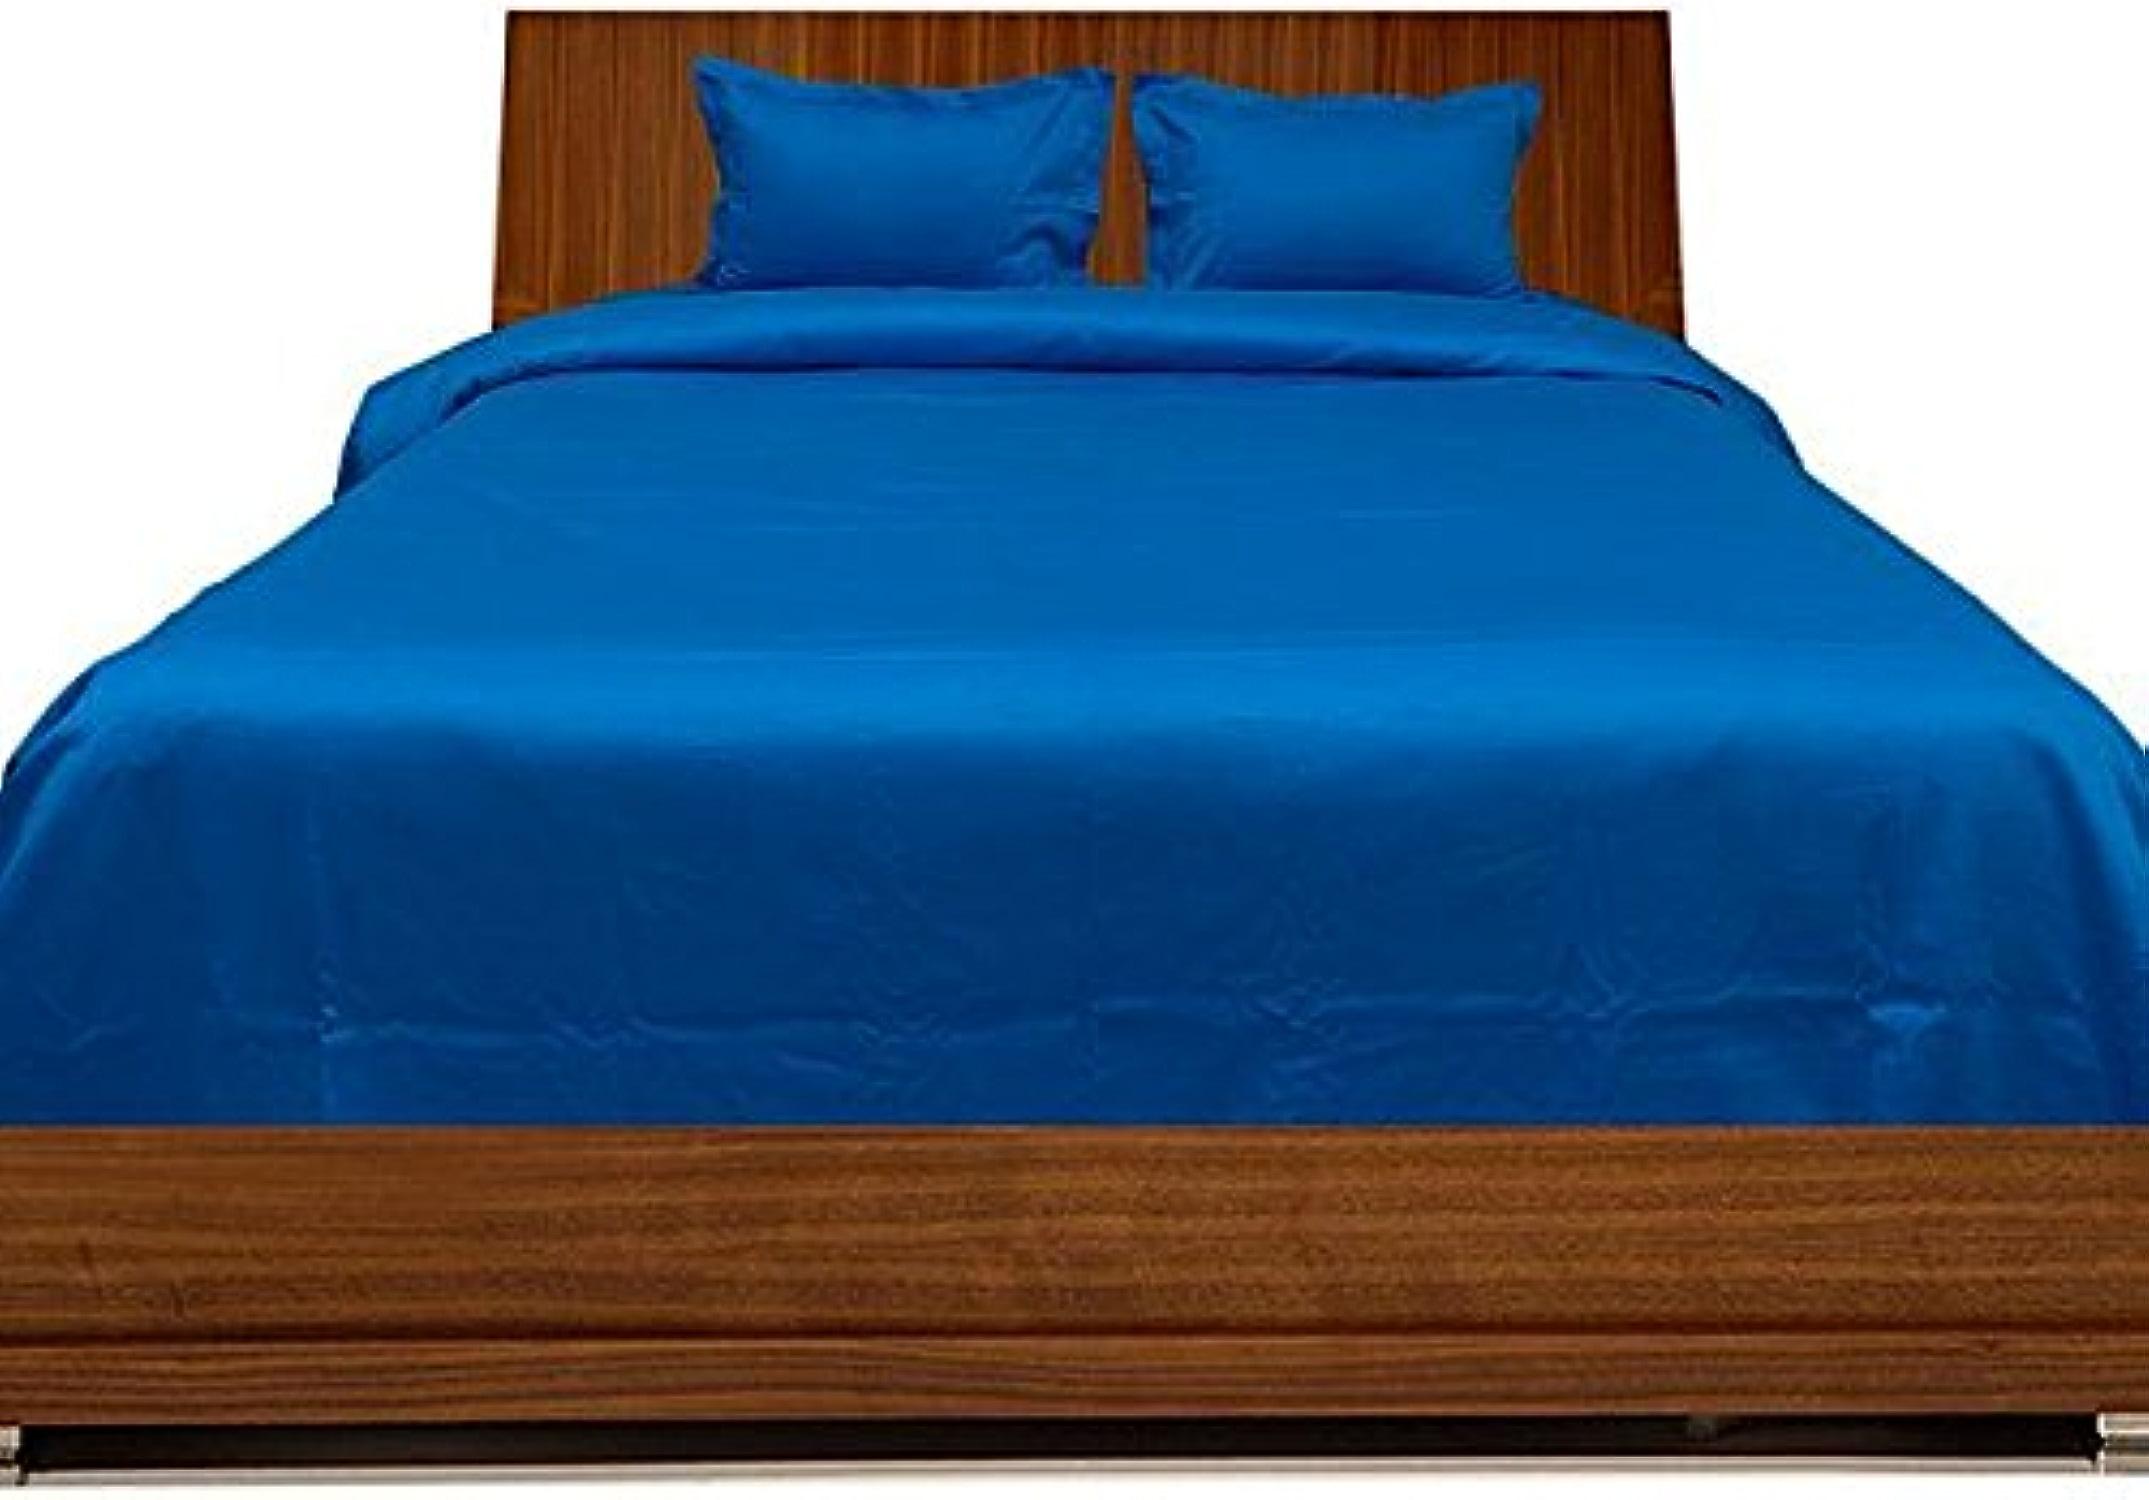 Scala 550Fils de lit avec Une taie d'oreiller Euro King IKEA Turquoise Bleu Sarcelle Solide 100% Coton 550tc Parure de lit en Coton égypcravaten